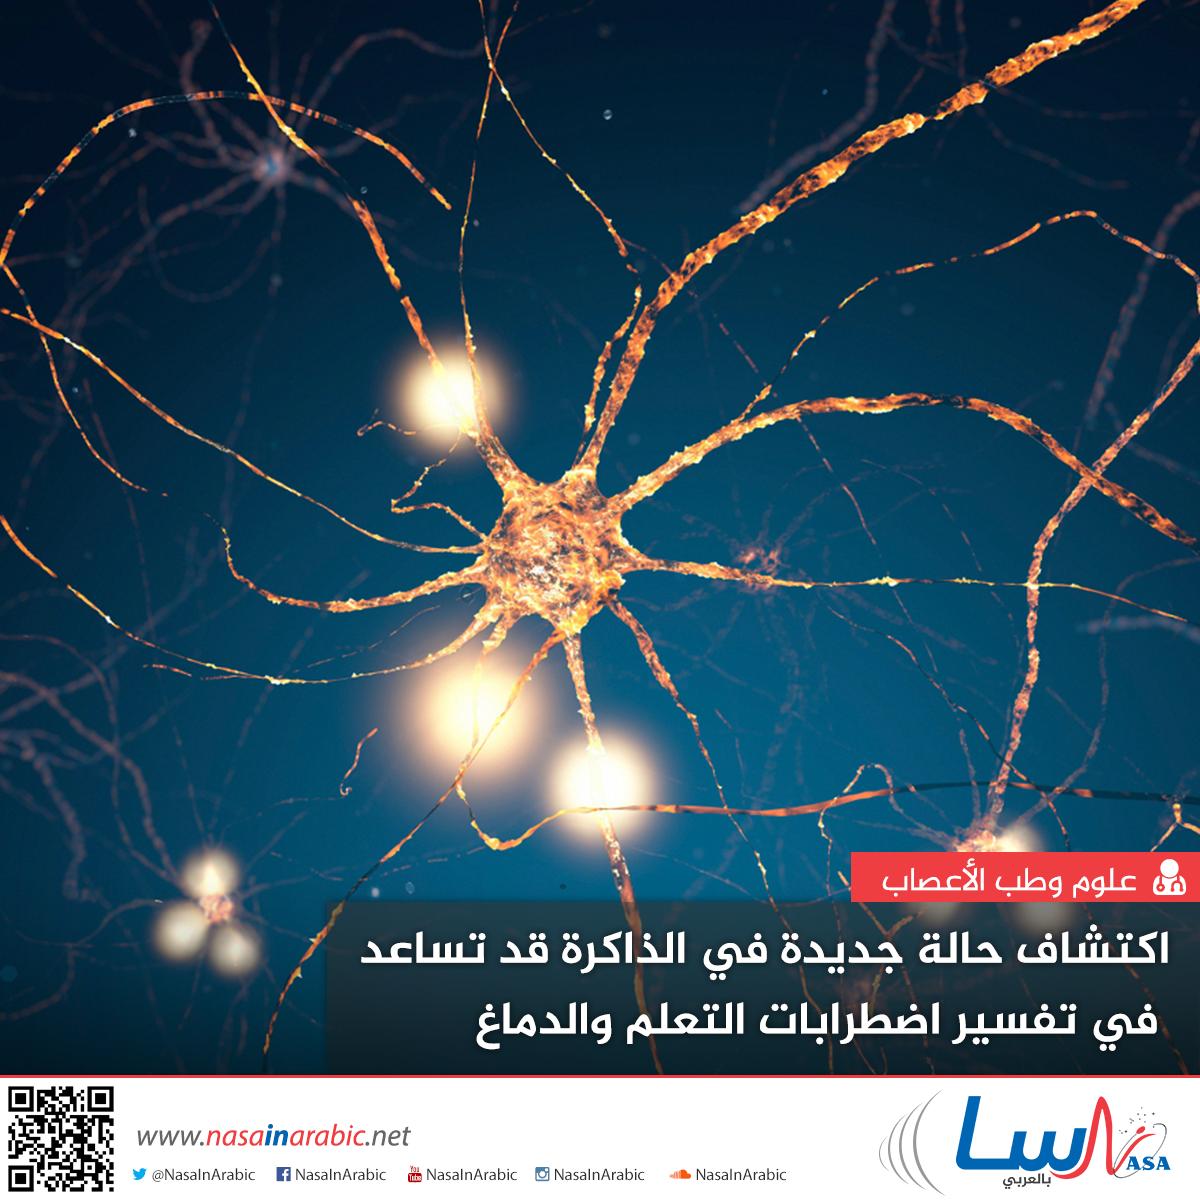 اكتشاف حالة جديدة في الذاكرة قد تساعد في تفسير اضطرابات التعلم والدماغ